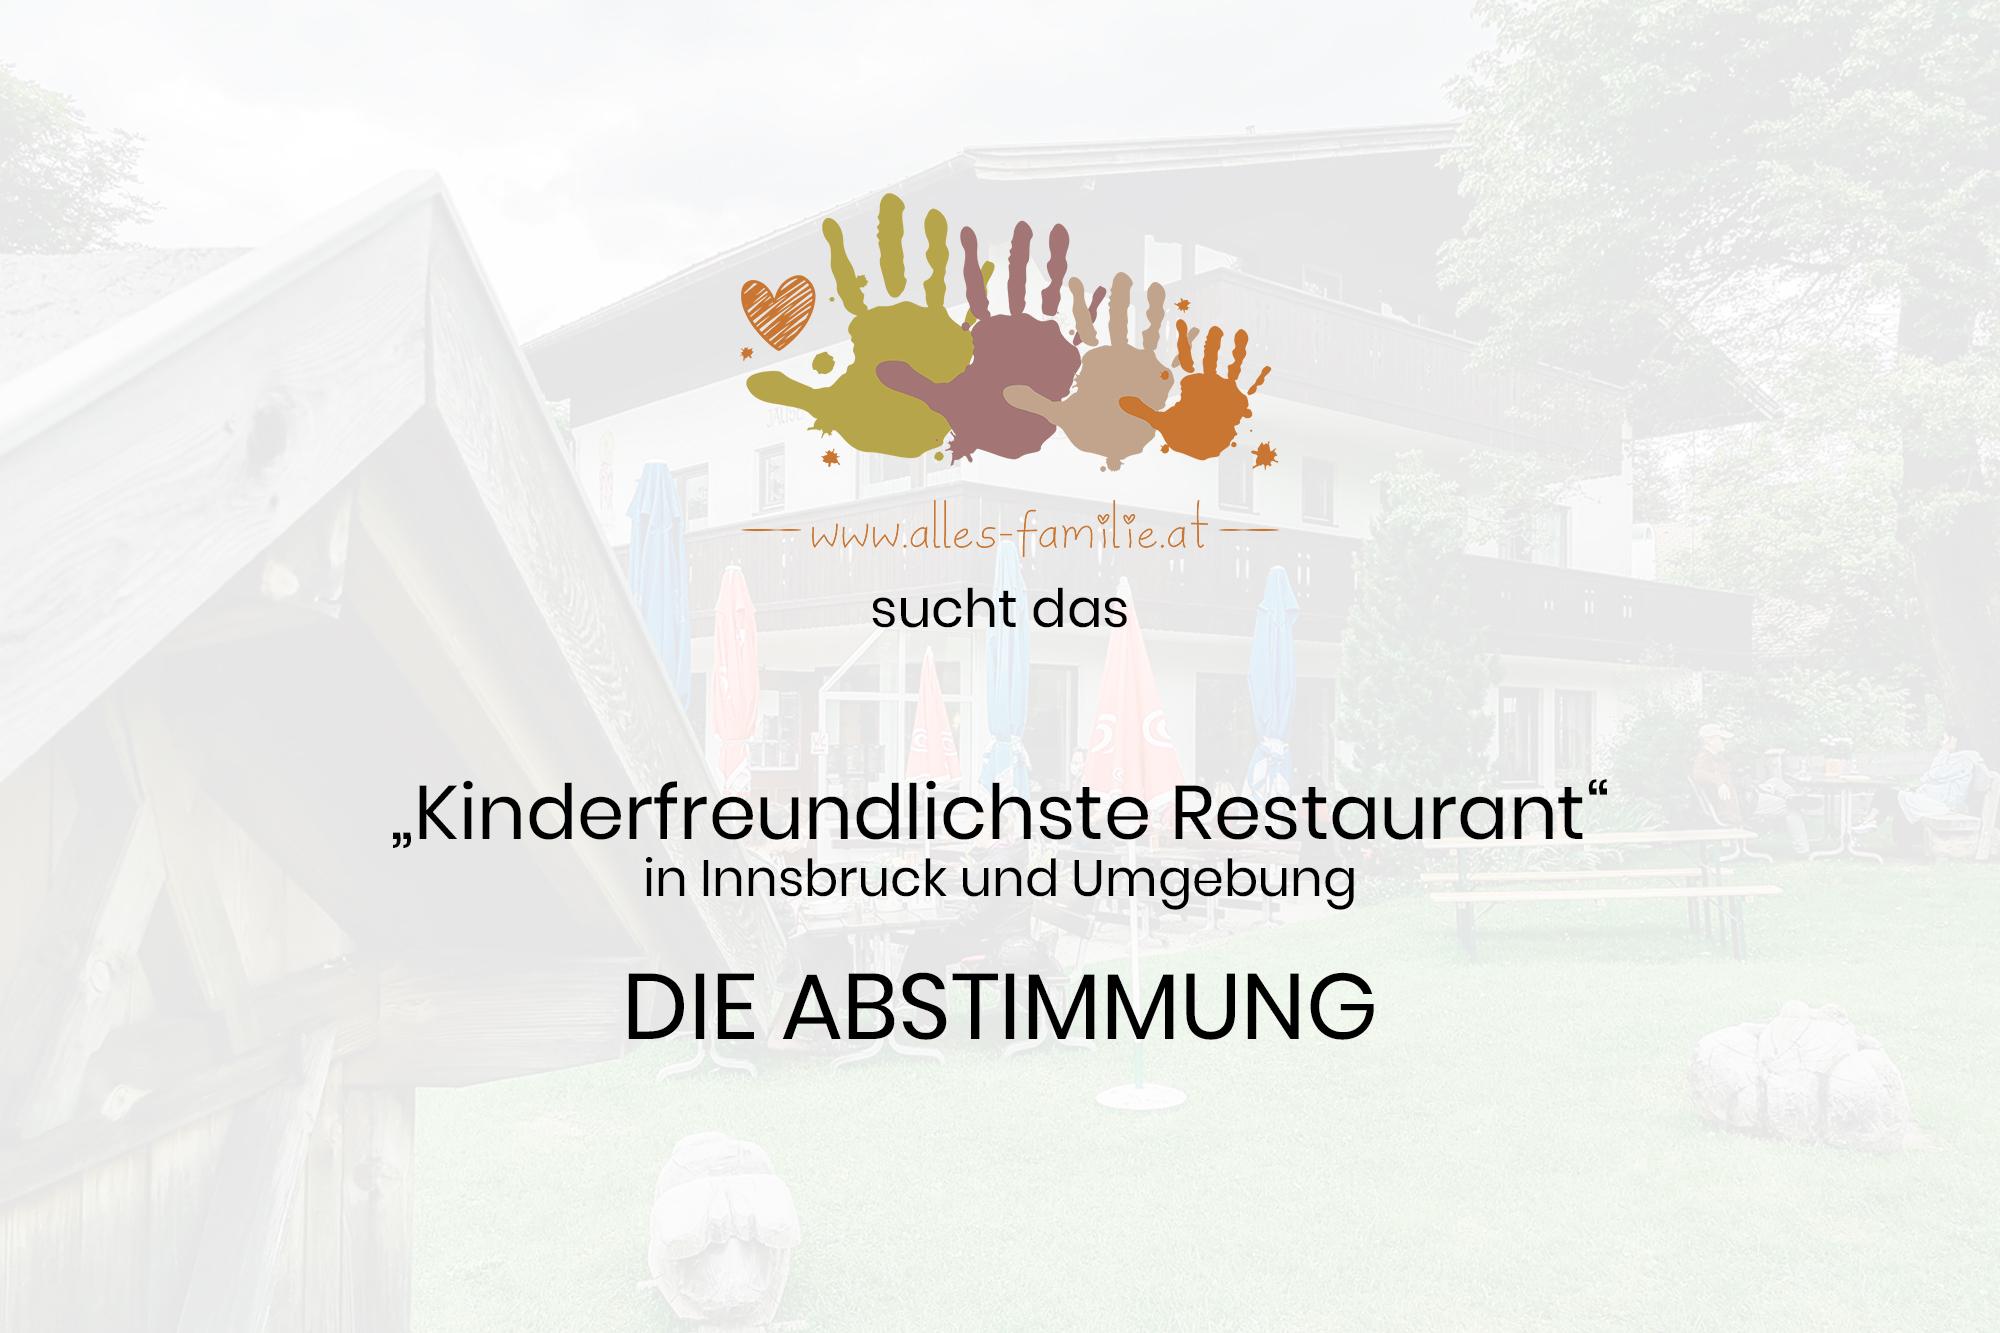 Kinderfreundliche Restaurants | Innsbruck und Umgebung